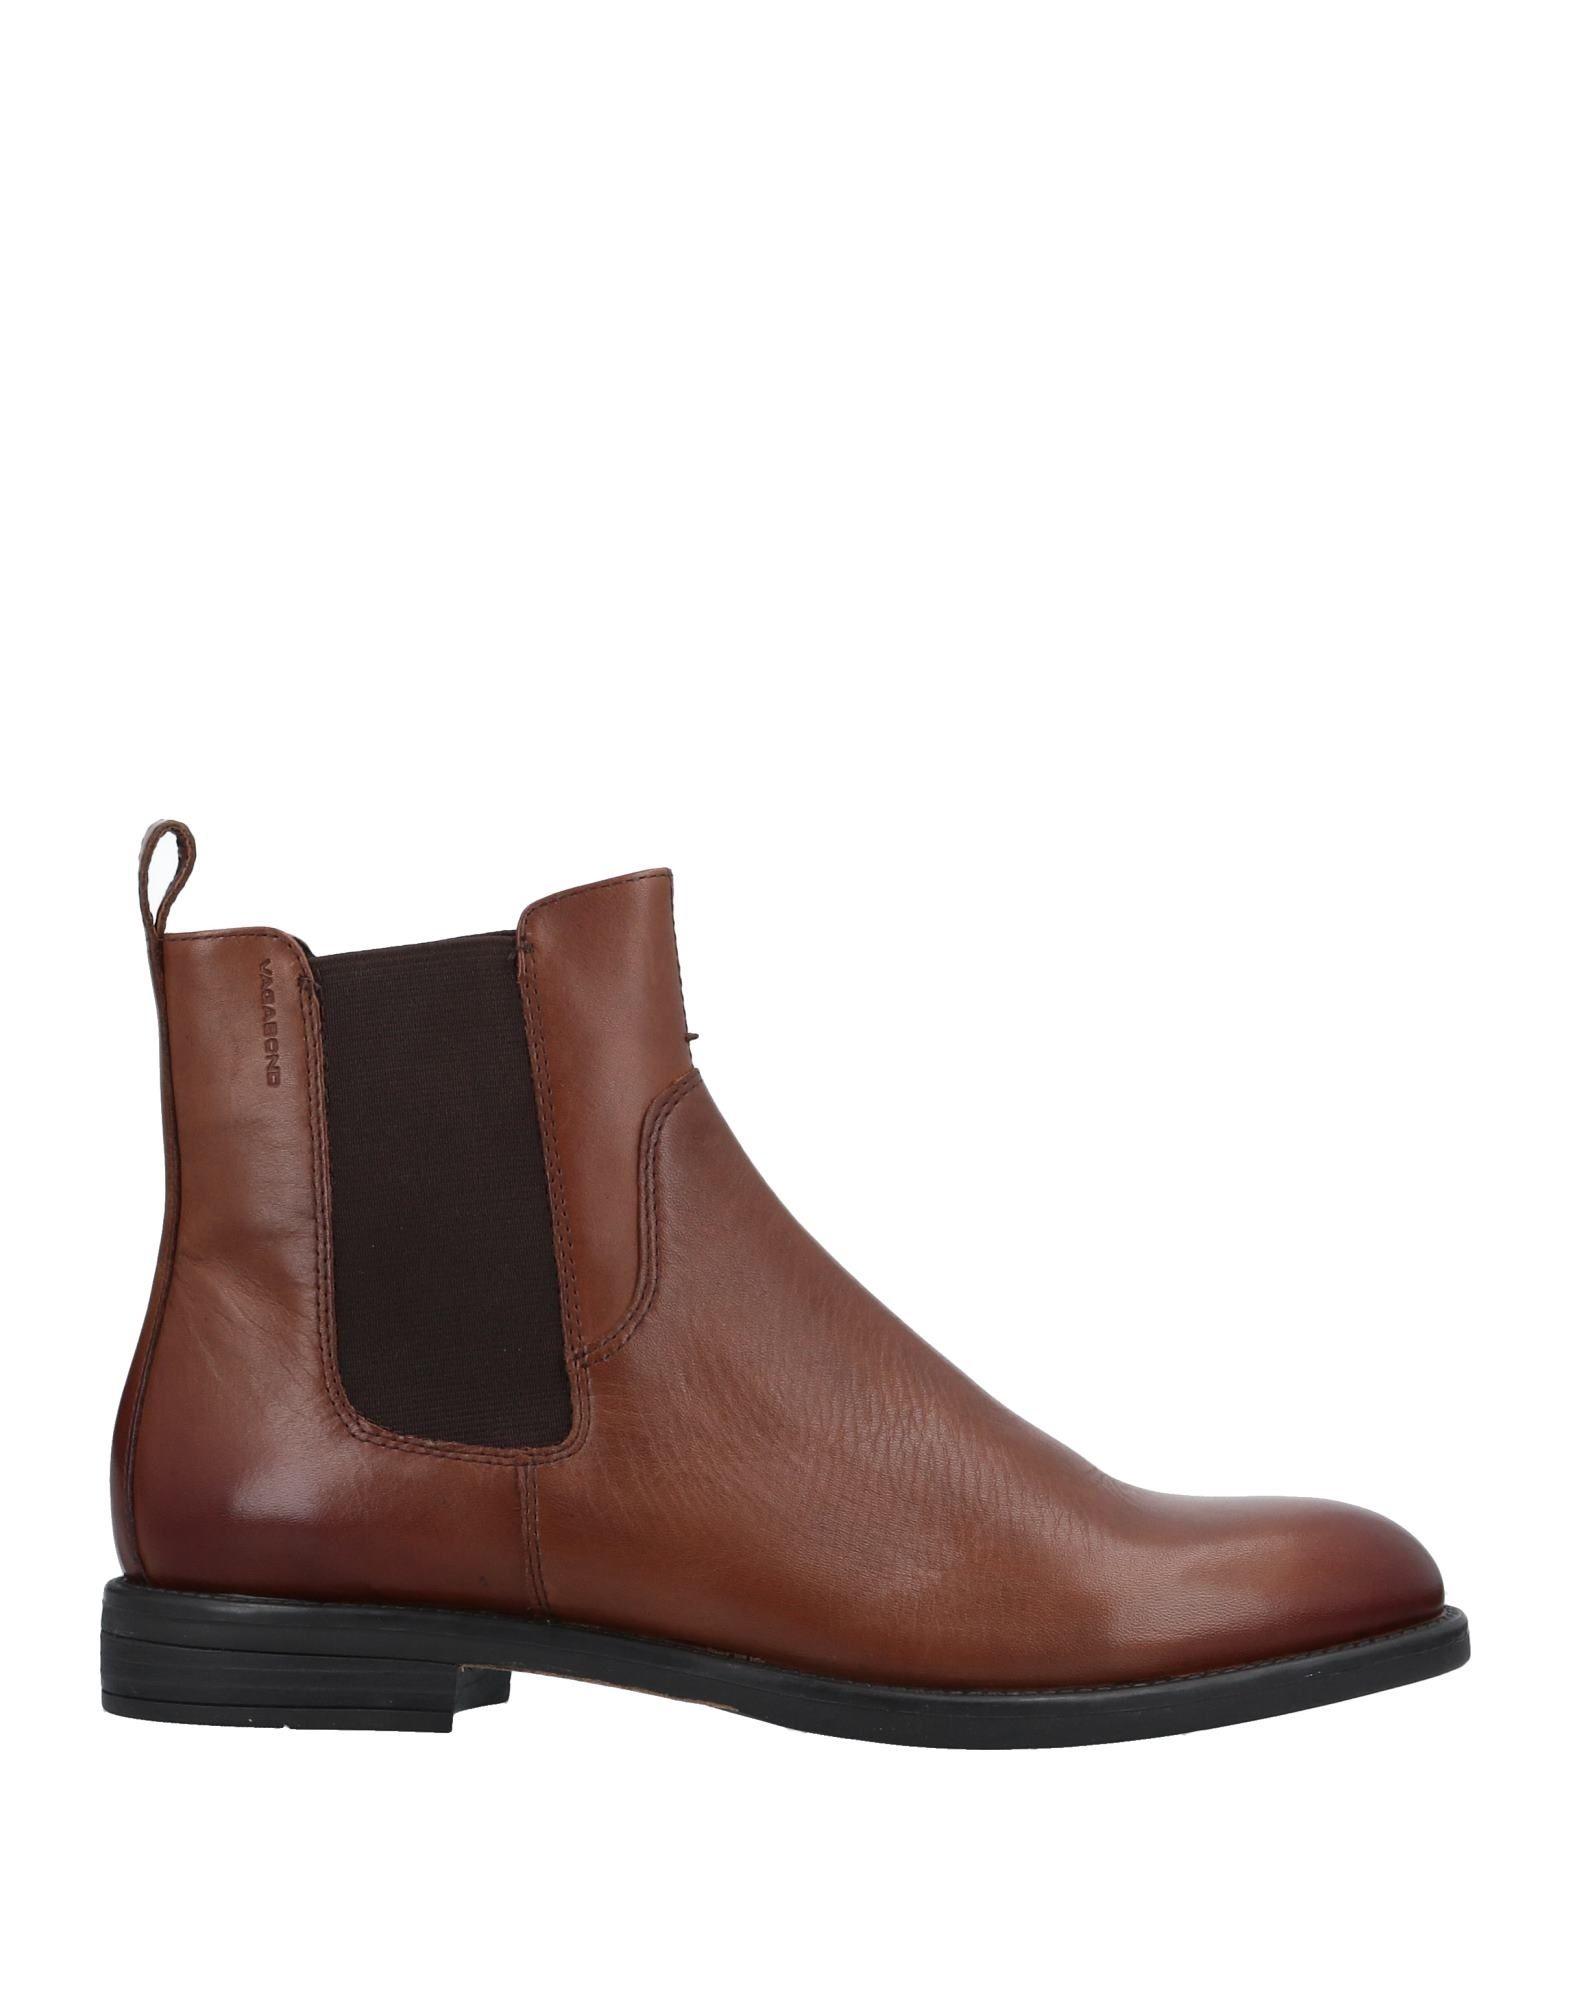 Stilvolle billige Schuhe Damen Vagabond Schuhemakers Chelsea Stiefel Damen Schuhe  11512969GU f66374